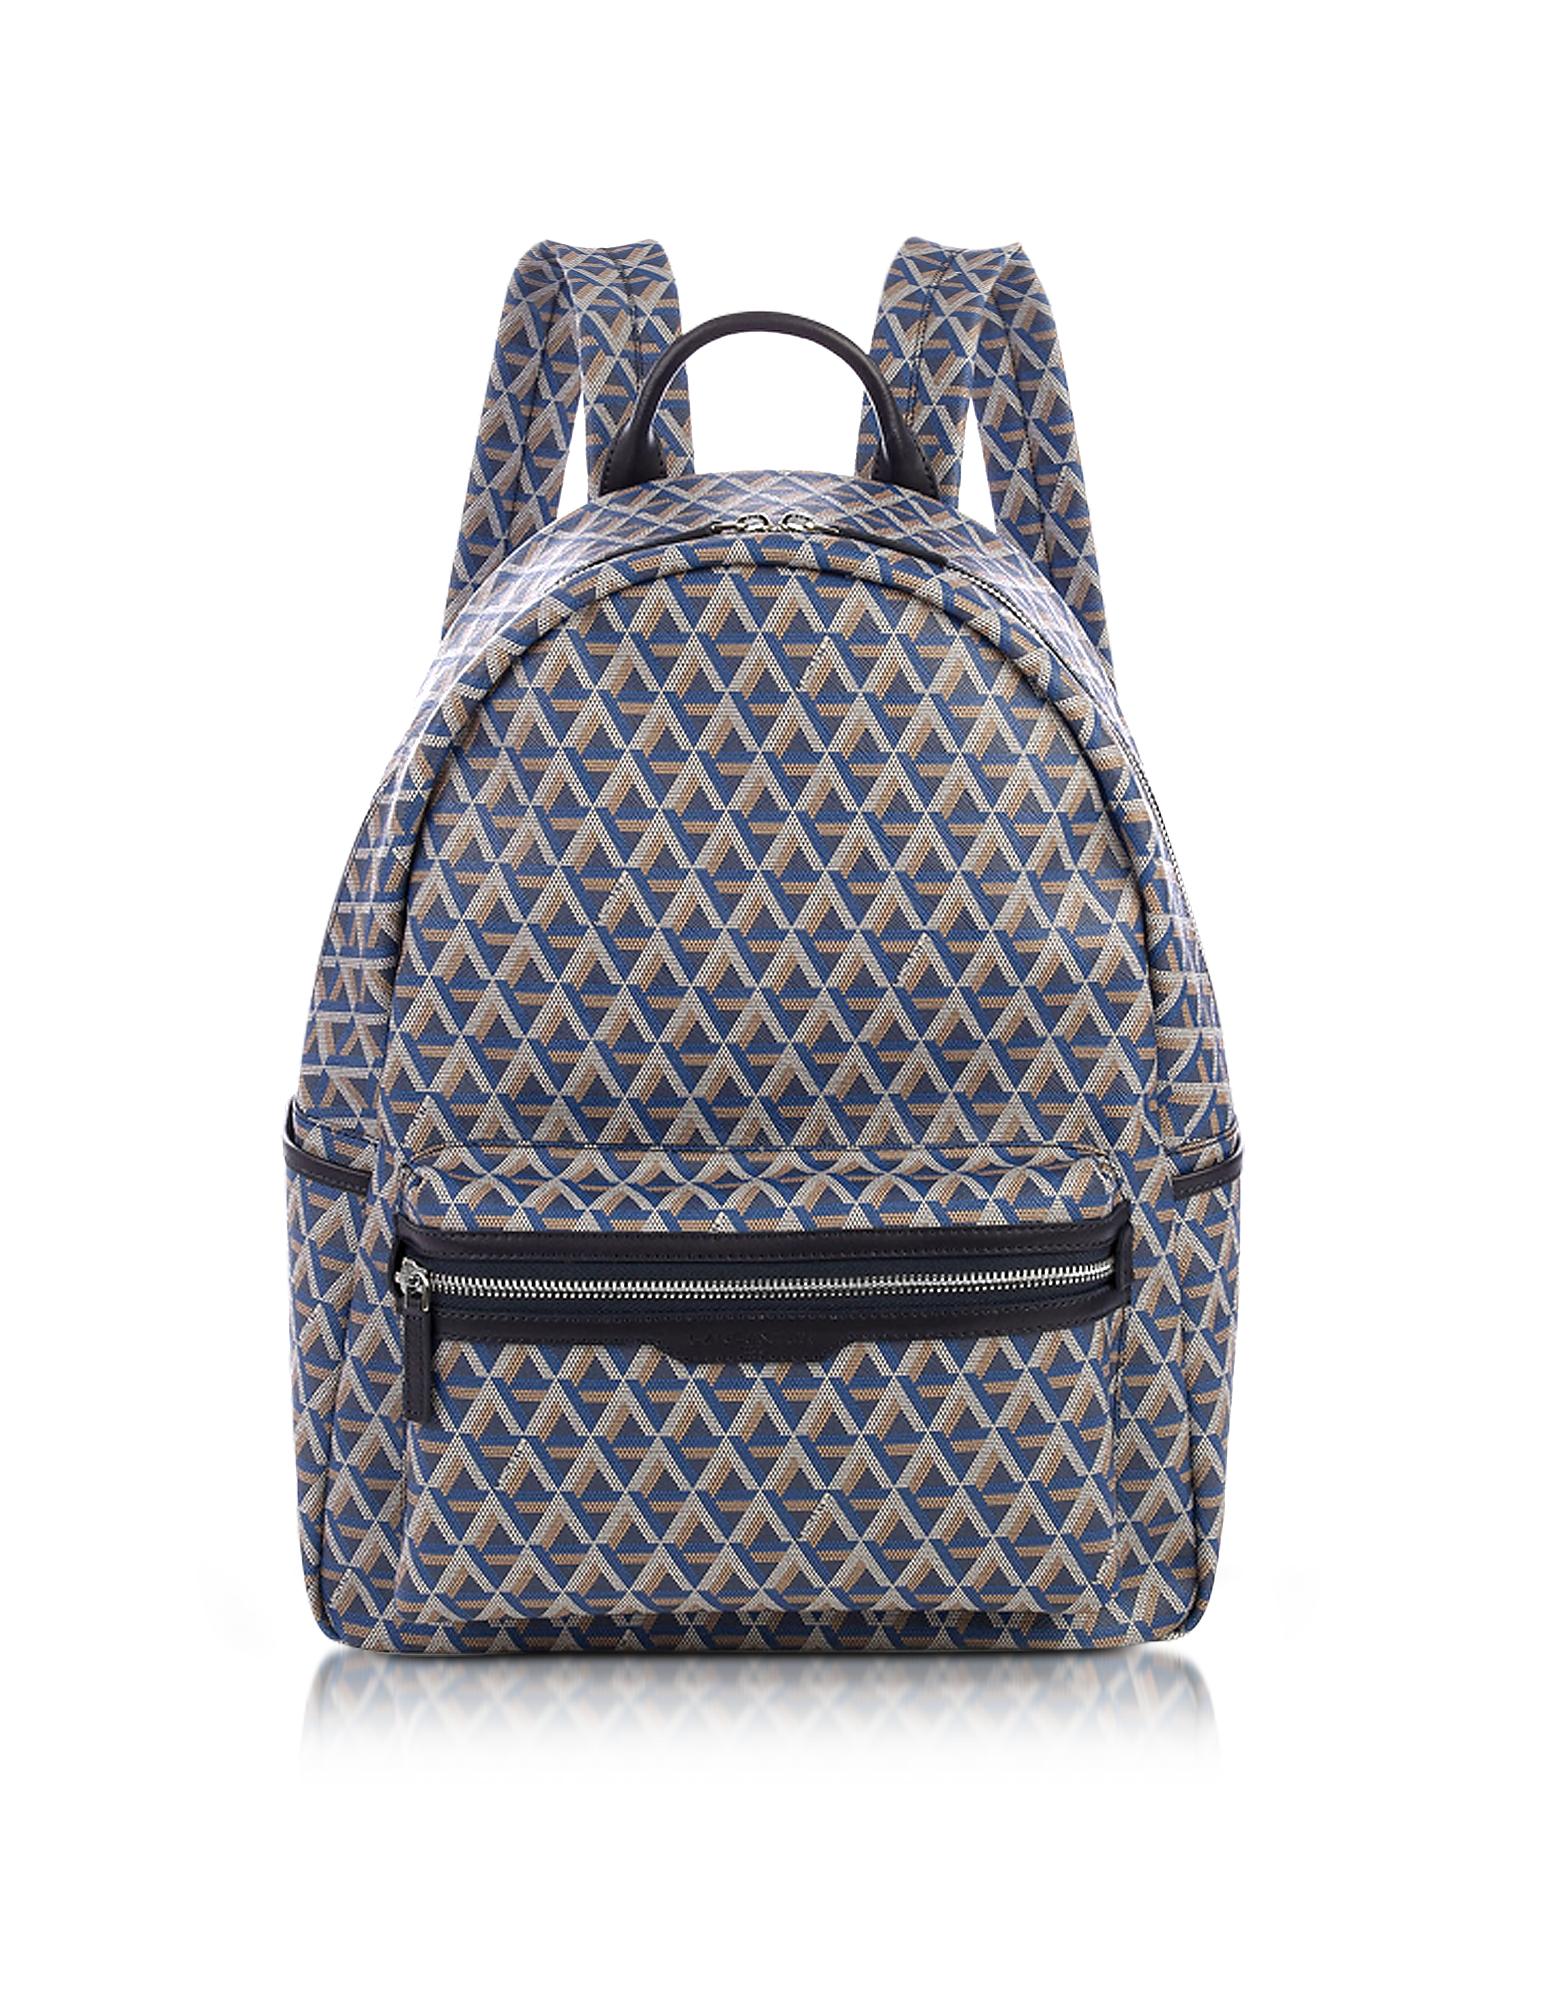 Ikon Blue Coated Canvas Men's Backpack